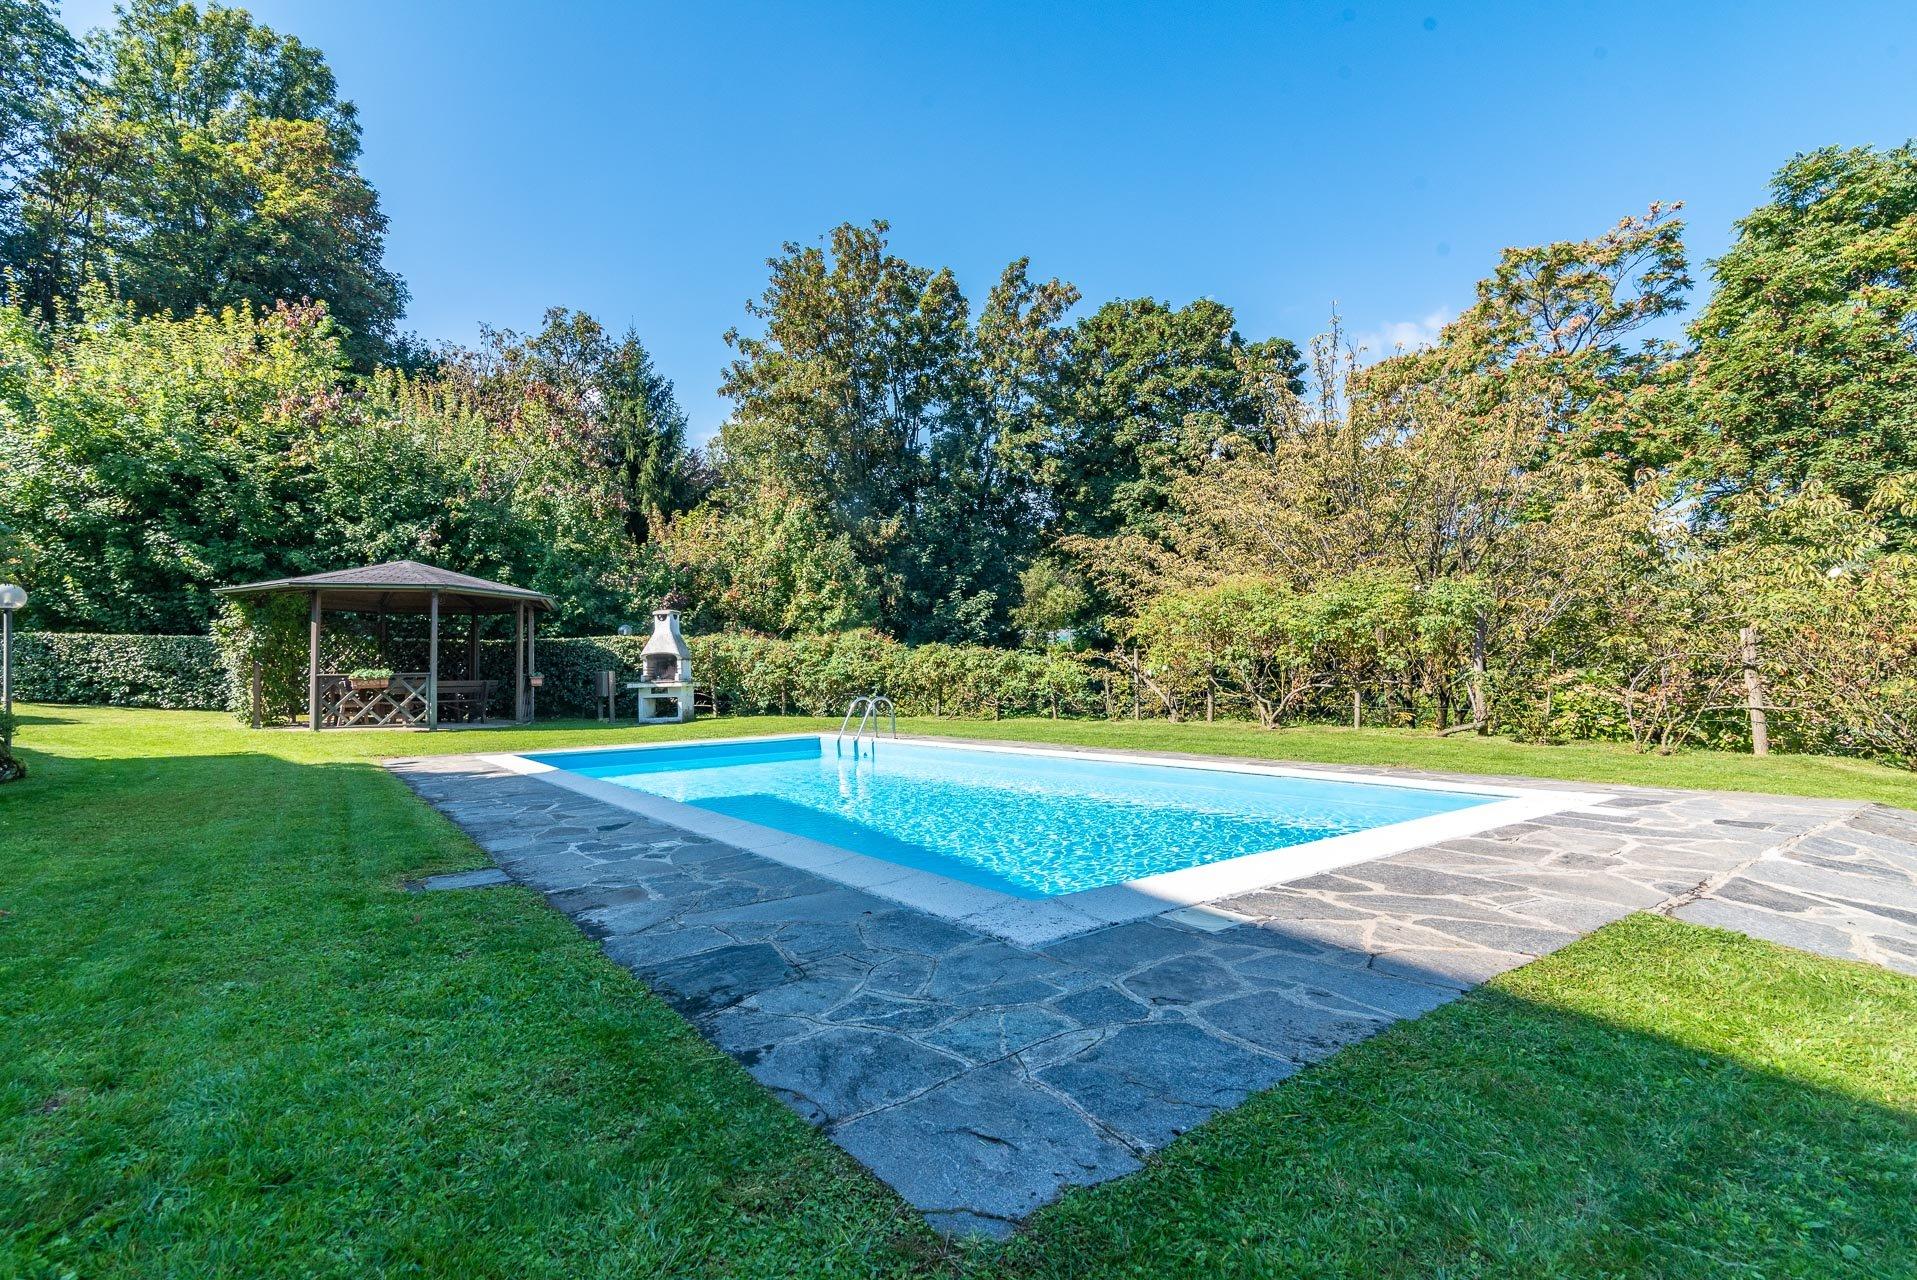 Verkauf einer Doppelhaushälfte in Stresa mit Swimmingpool